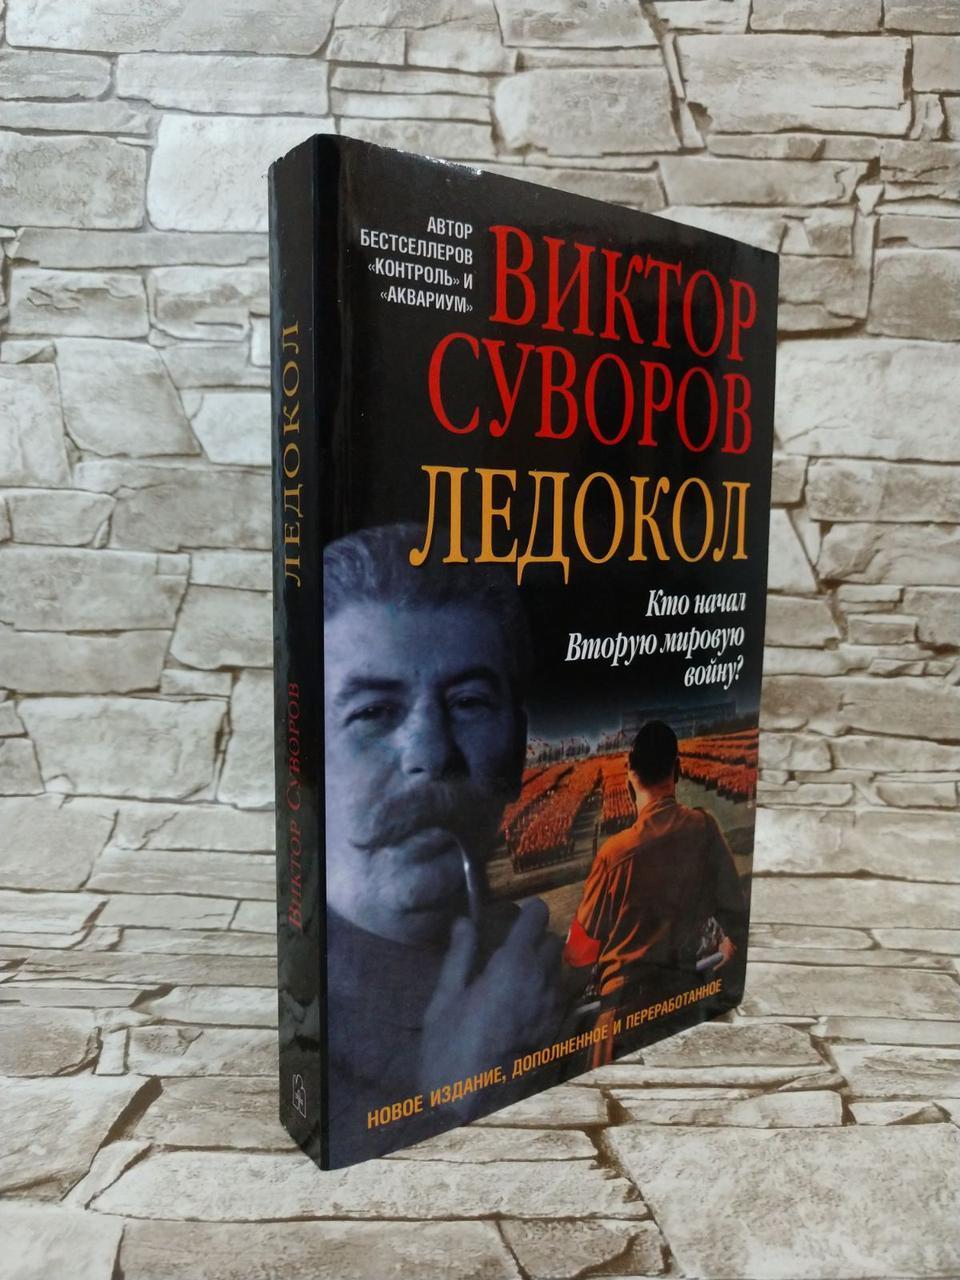 """Книга """"Ледокол. Кто начал Вторую мировую войну?"""" Виктор Суворов"""